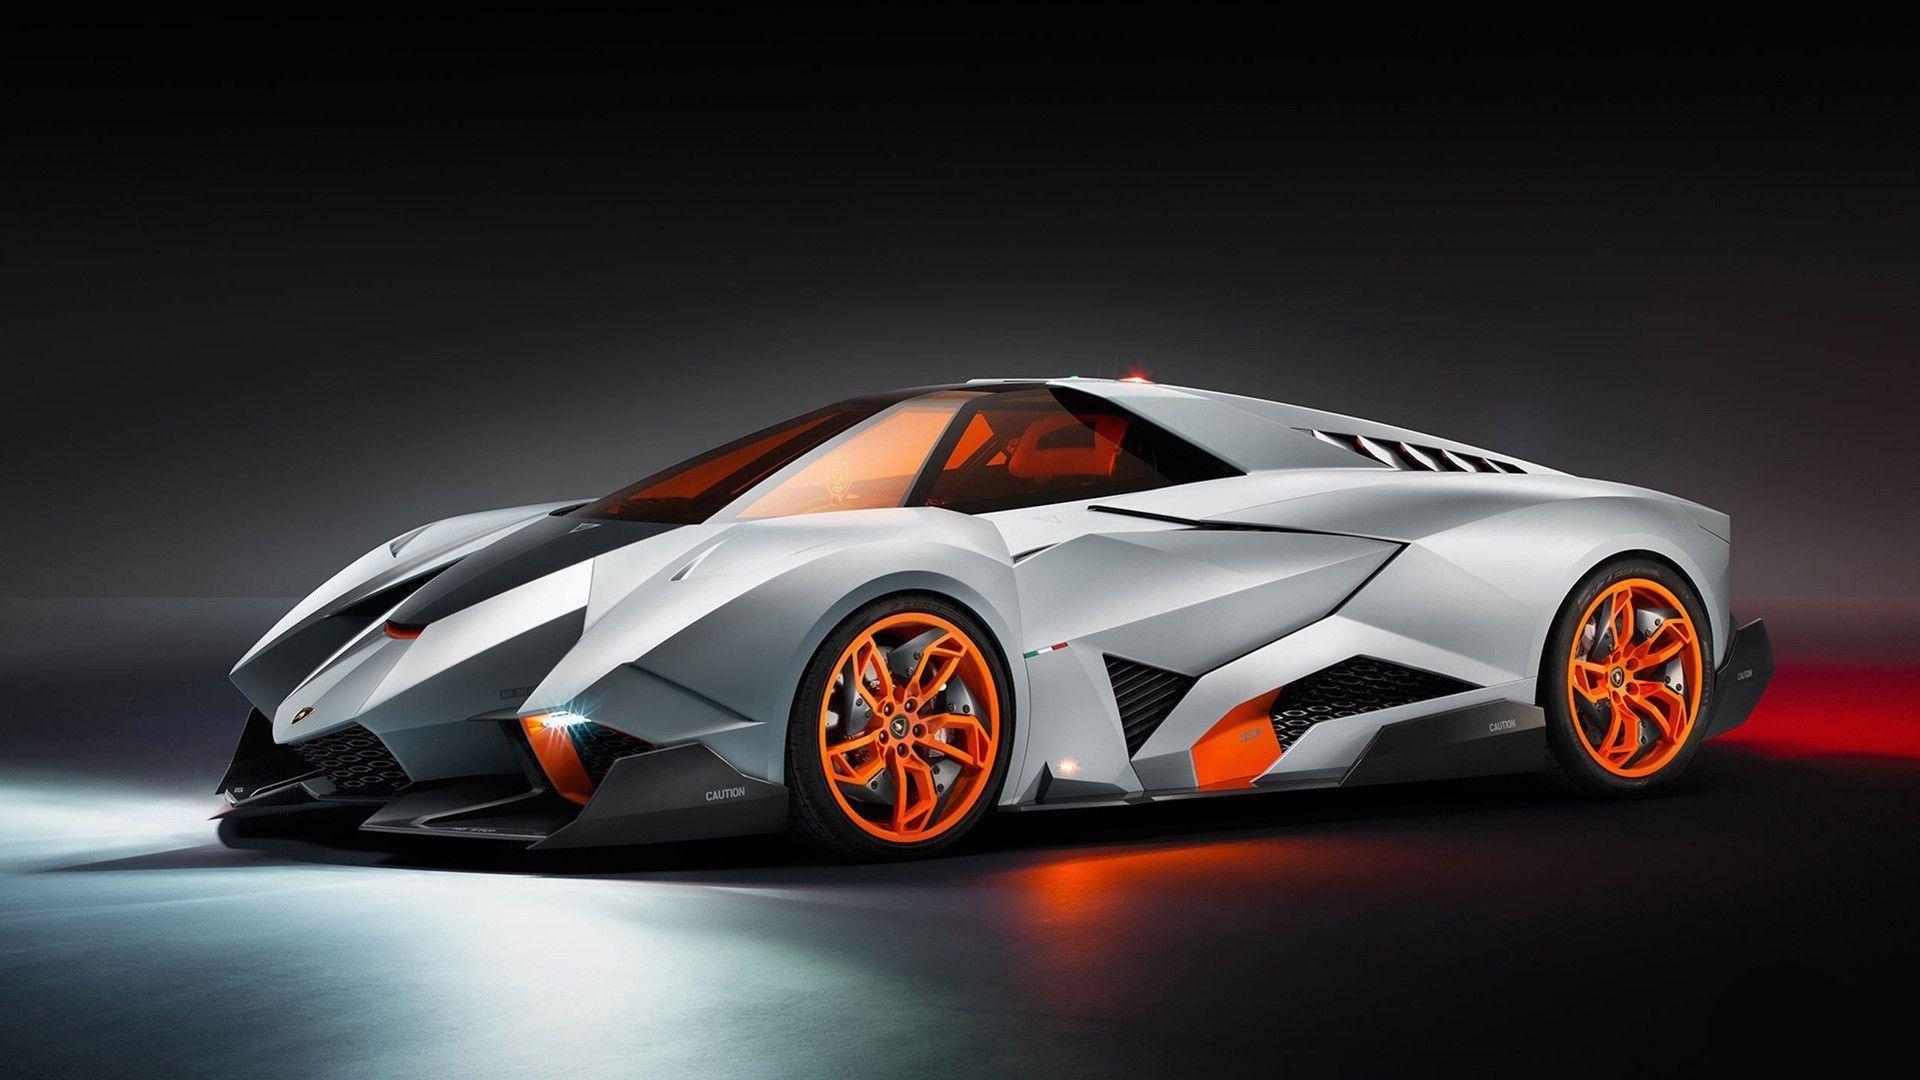 1920x1080 Lamborghini Egoista Concept Car 2017 Wallpaper Widescreen